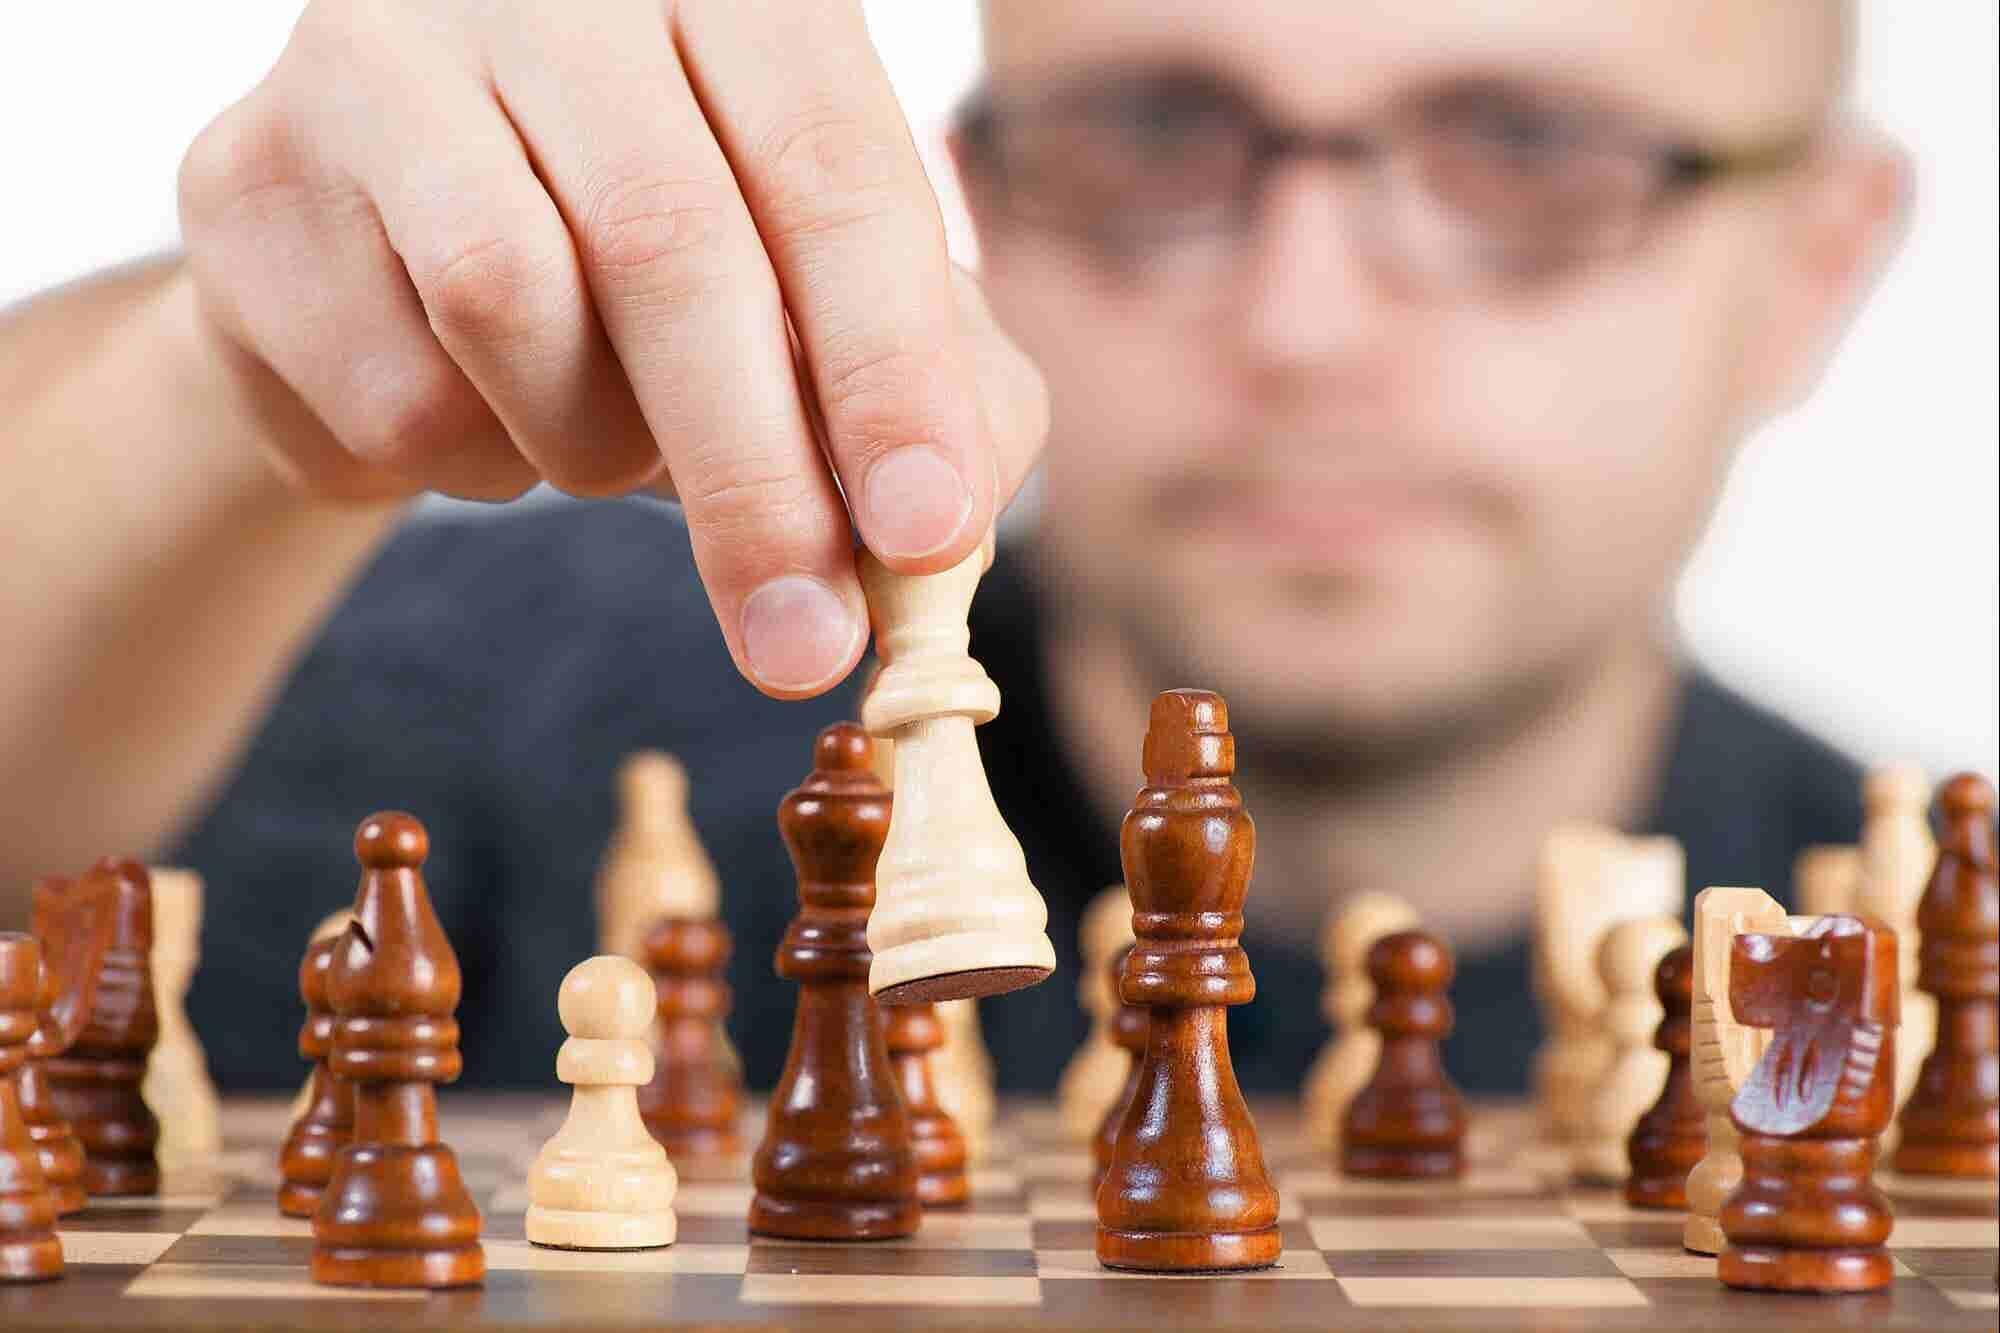 კონკურენტები კი არა, სხვა სფეროს გამარჯვებულები შეისწავლეთ